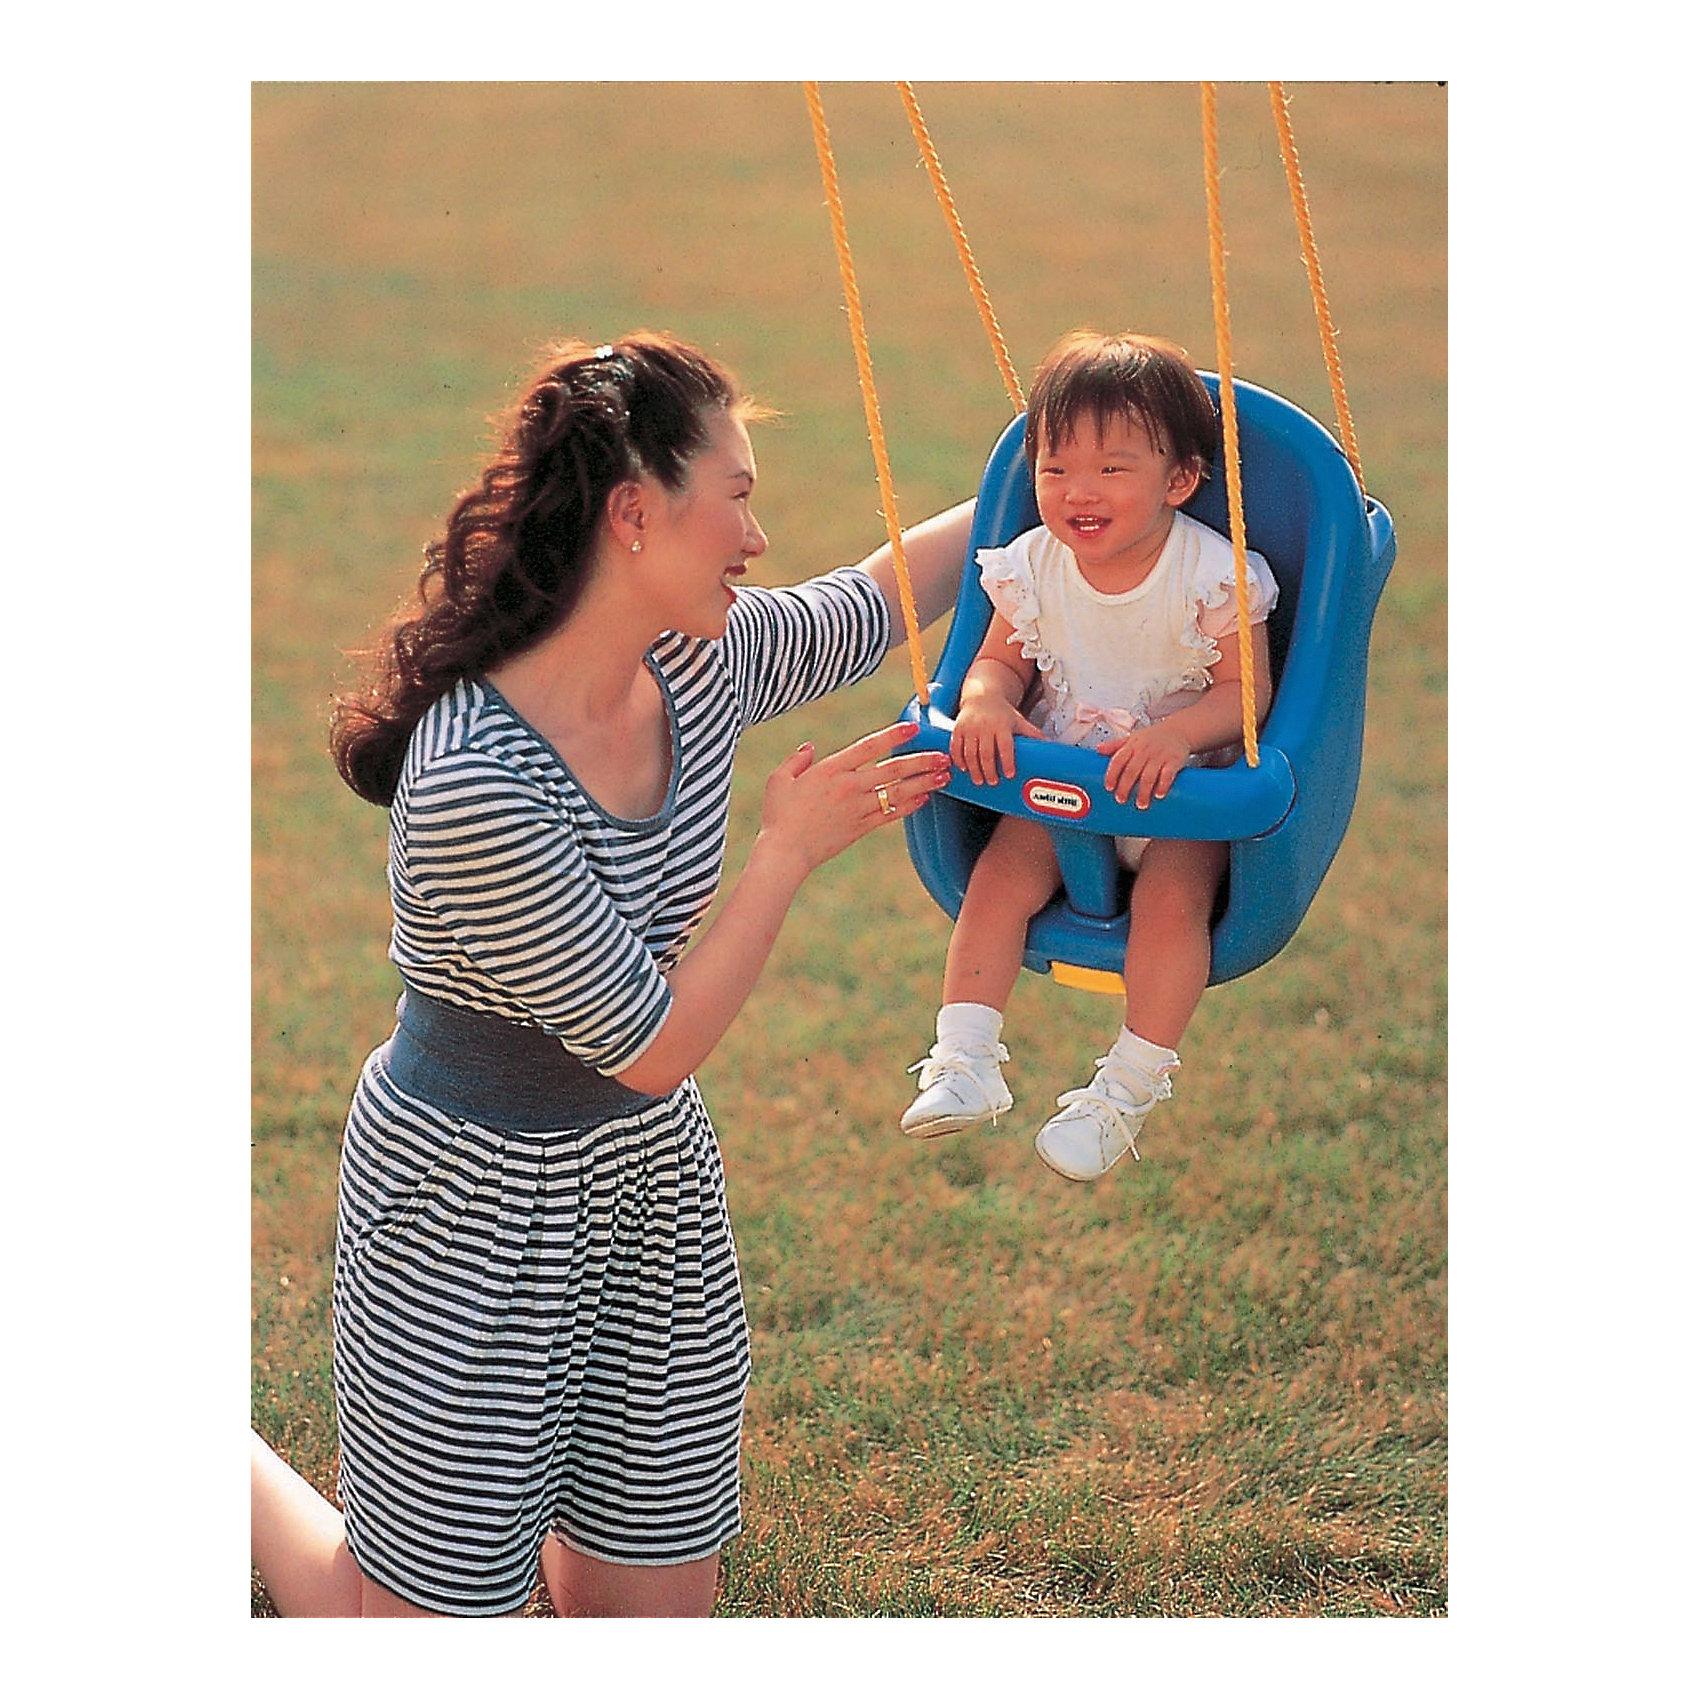 """Сиденье для качелей, Little TikesКачели и качалки<br>Сиденье Little Tikes для качелей на свежем воздухе - прекрасное дополнение к любым качелям. Т-образный фиксатор и ремни безопасности надежно фиксируют малыша. Их можно убрать, когда ребенок станет старше. Это сиденье одинаково хорошо подходит и для самых маленьких, и для детей постарше. <br>Размеры продукта:<br>38"""" x 42 x 43 см (ш,г,в)<br><br>Ширина мм: 570<br>Глубина мм: 400<br>Высота мм: 290<br>Вес г: 3000<br>Возраст от месяцев: 36<br>Возраст до месяцев: 120<br>Пол: Унисекс<br>Возраст: Детский<br>SKU: 4653315"""